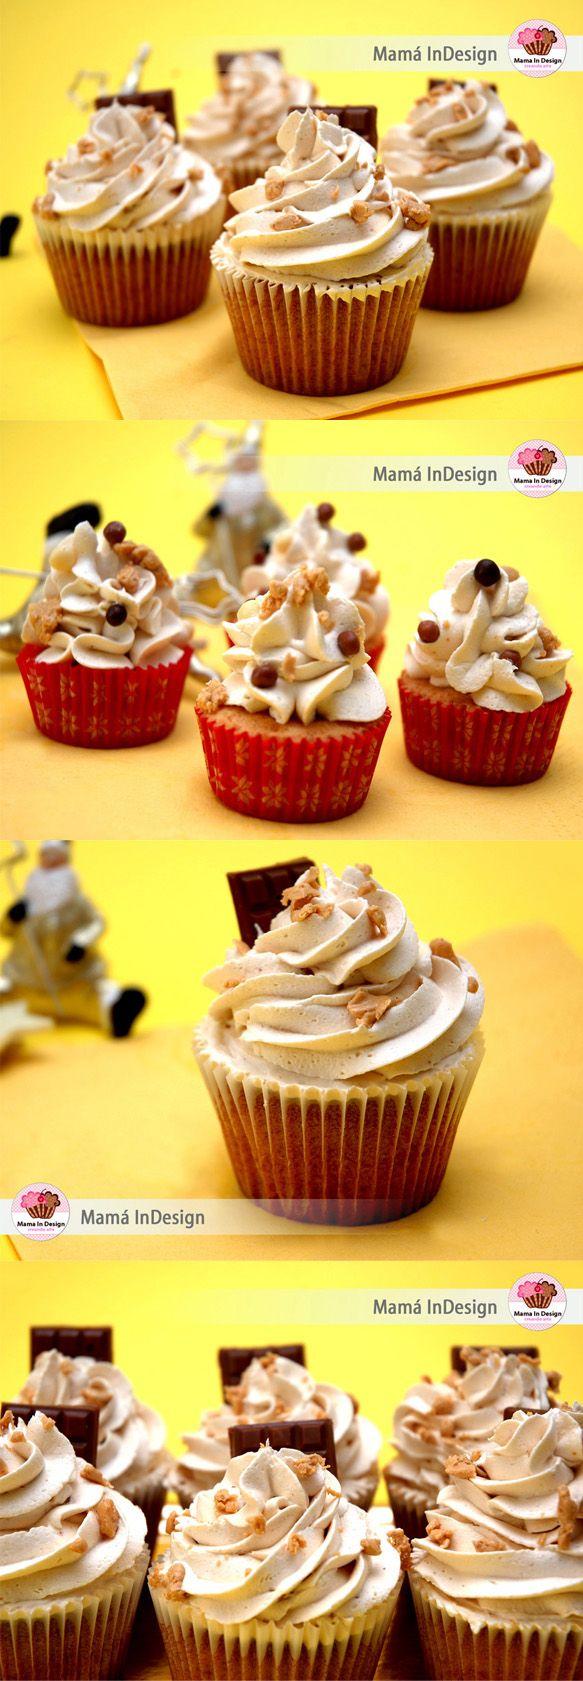 Cupcakes de turrón - Pecados de Reposteria